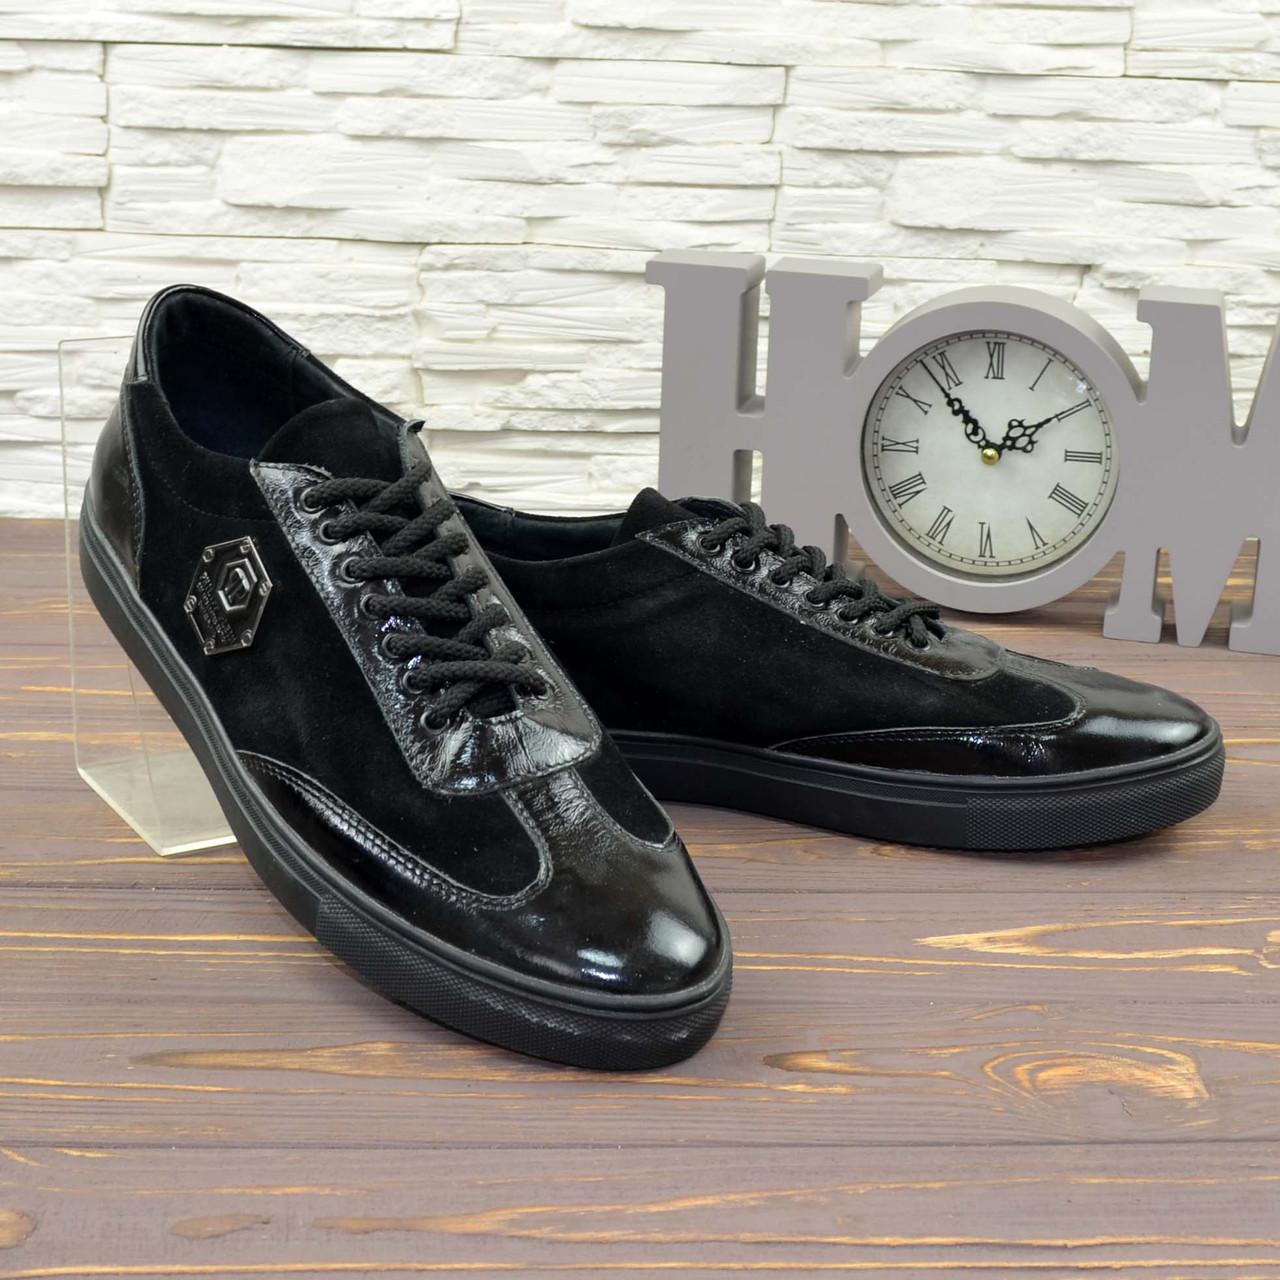 Кроссовки черные мужские на шнуровке, натуральная лаковая кожа и замша. 43 размер